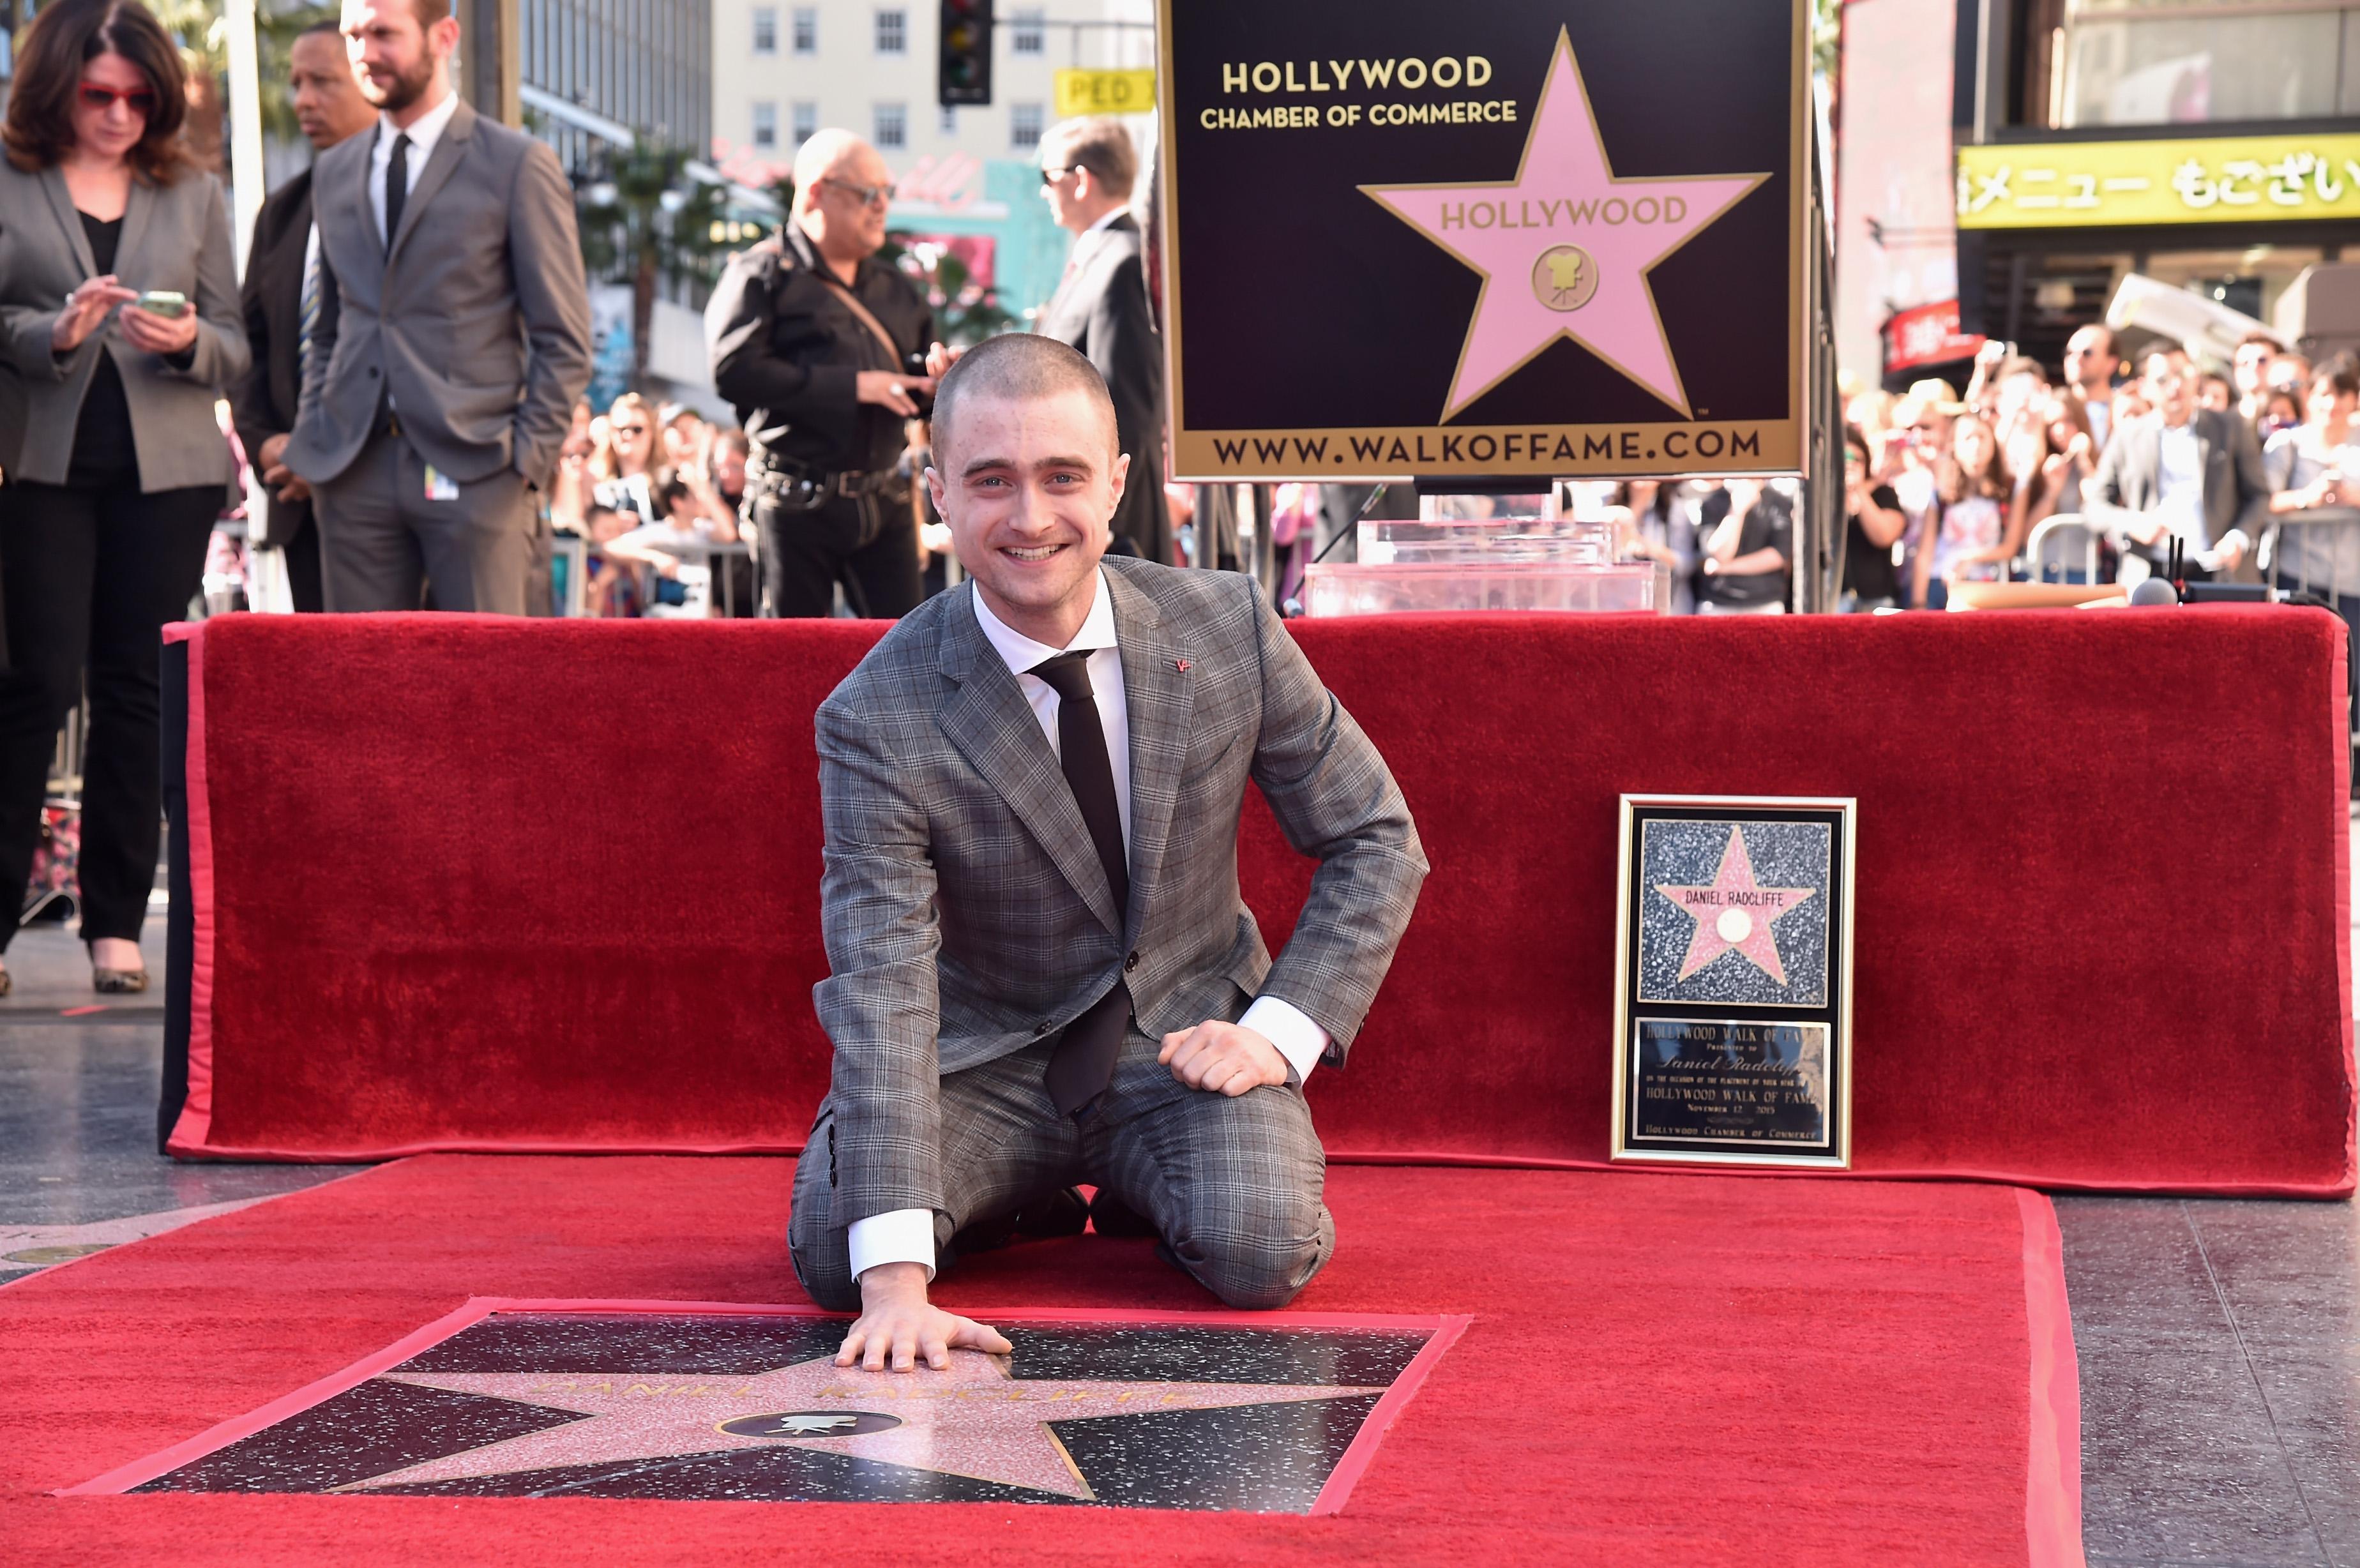 """Даниел Радклиф смята Холивуд за """"несъмнено расистки настроен"""", предаде АФП, позовавайки се на интервю с актьора.<br /> """"Обичаме да мислим, че сме много напредничава индустрия, но всъщност се движим след всички останали области"""", коментира Радклиф расизма в Холивуд и липсата на цветнокожи актьори на наградите """"Оскар"""".<br /> В интервюто Даниел Радклиф повдигна и въпроса за сексизма, упражняван върху жените в индустрия, управлявана от мъже.<br /> Актьорът призова за тези неща """"да се говори открито"""", за да бъдат променени."""